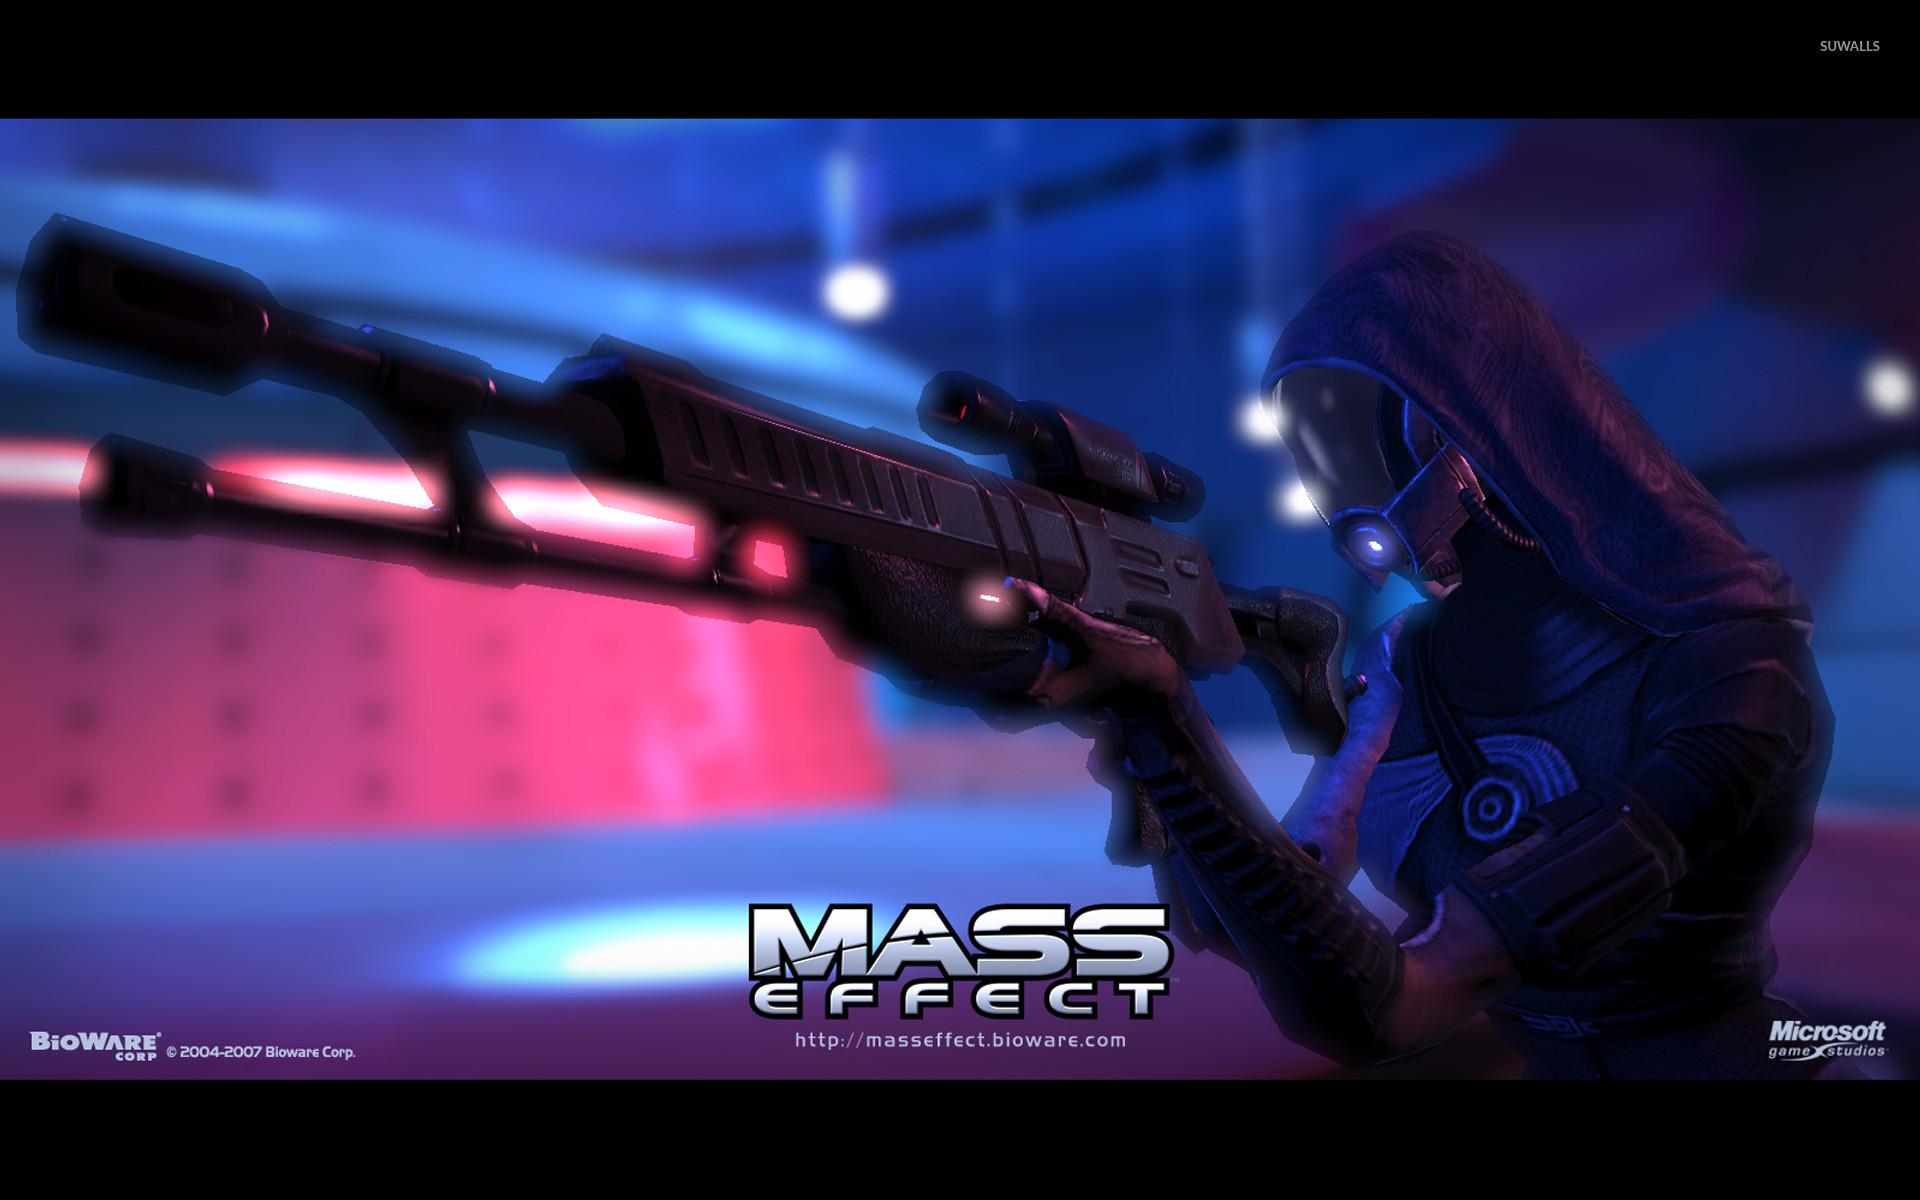 Tali'Zorah – Mass Effect wallpaper jpg